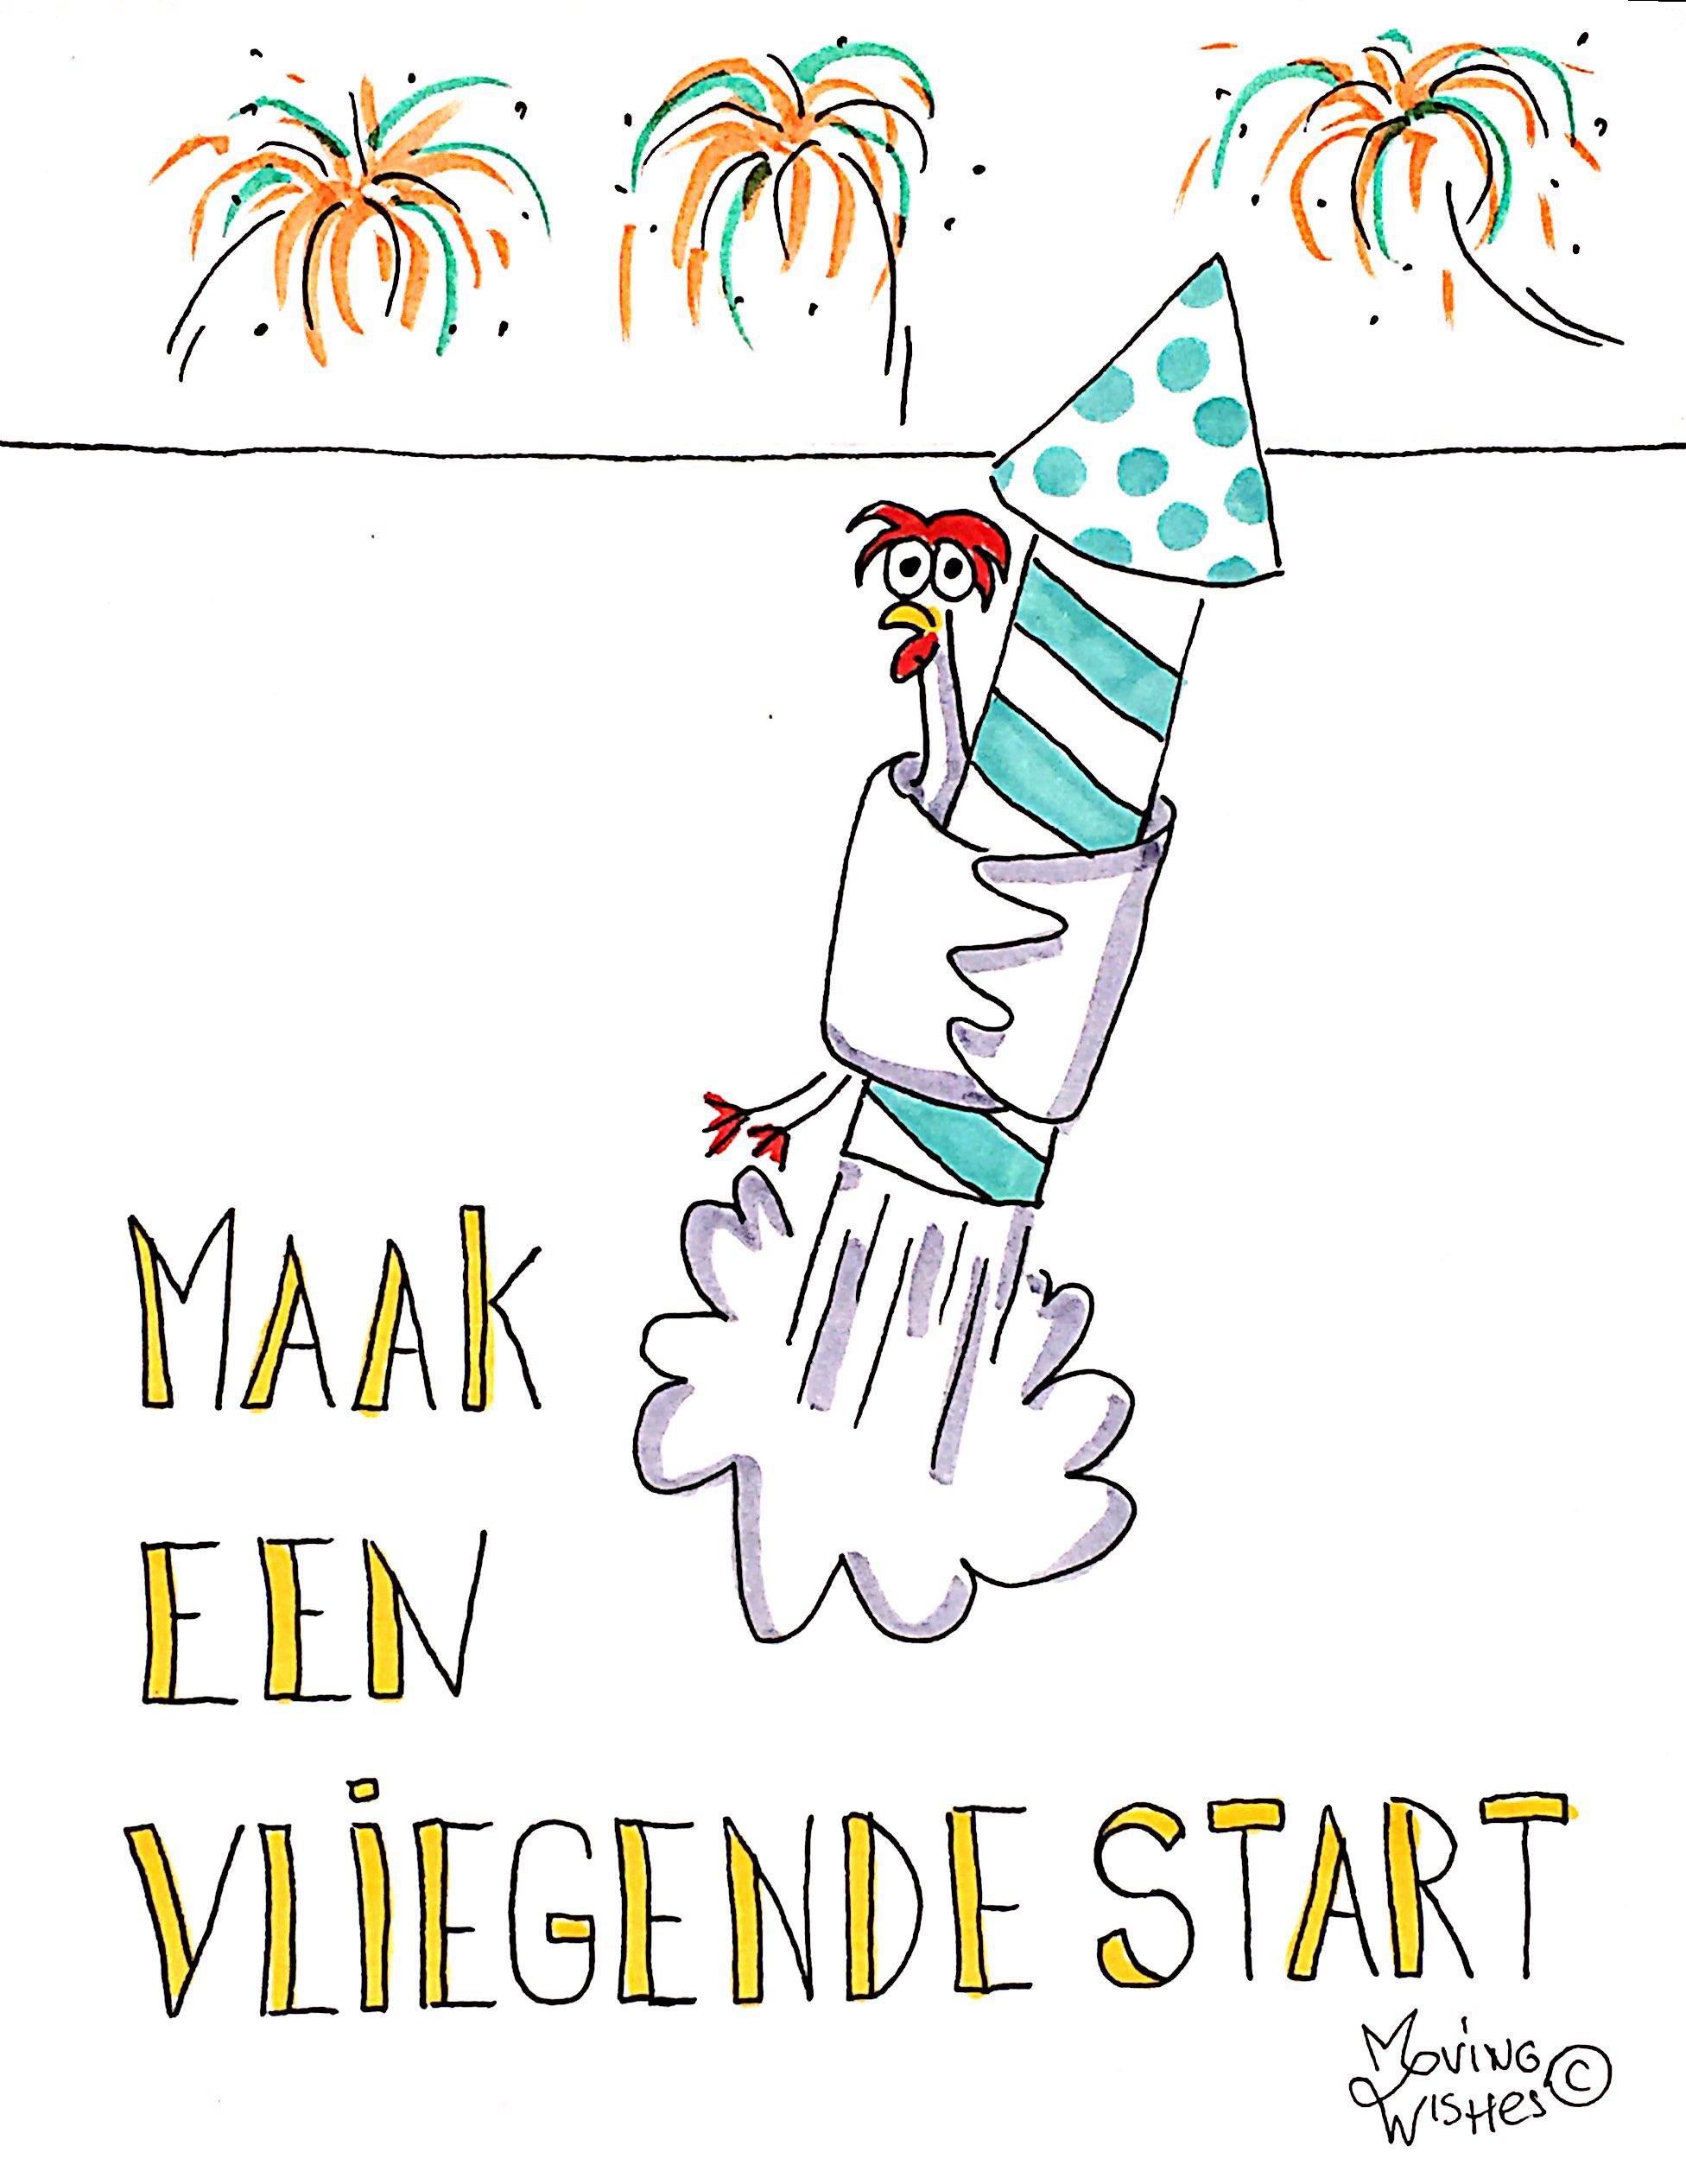 Nieuwjaarskaart kip met vuurpijl.